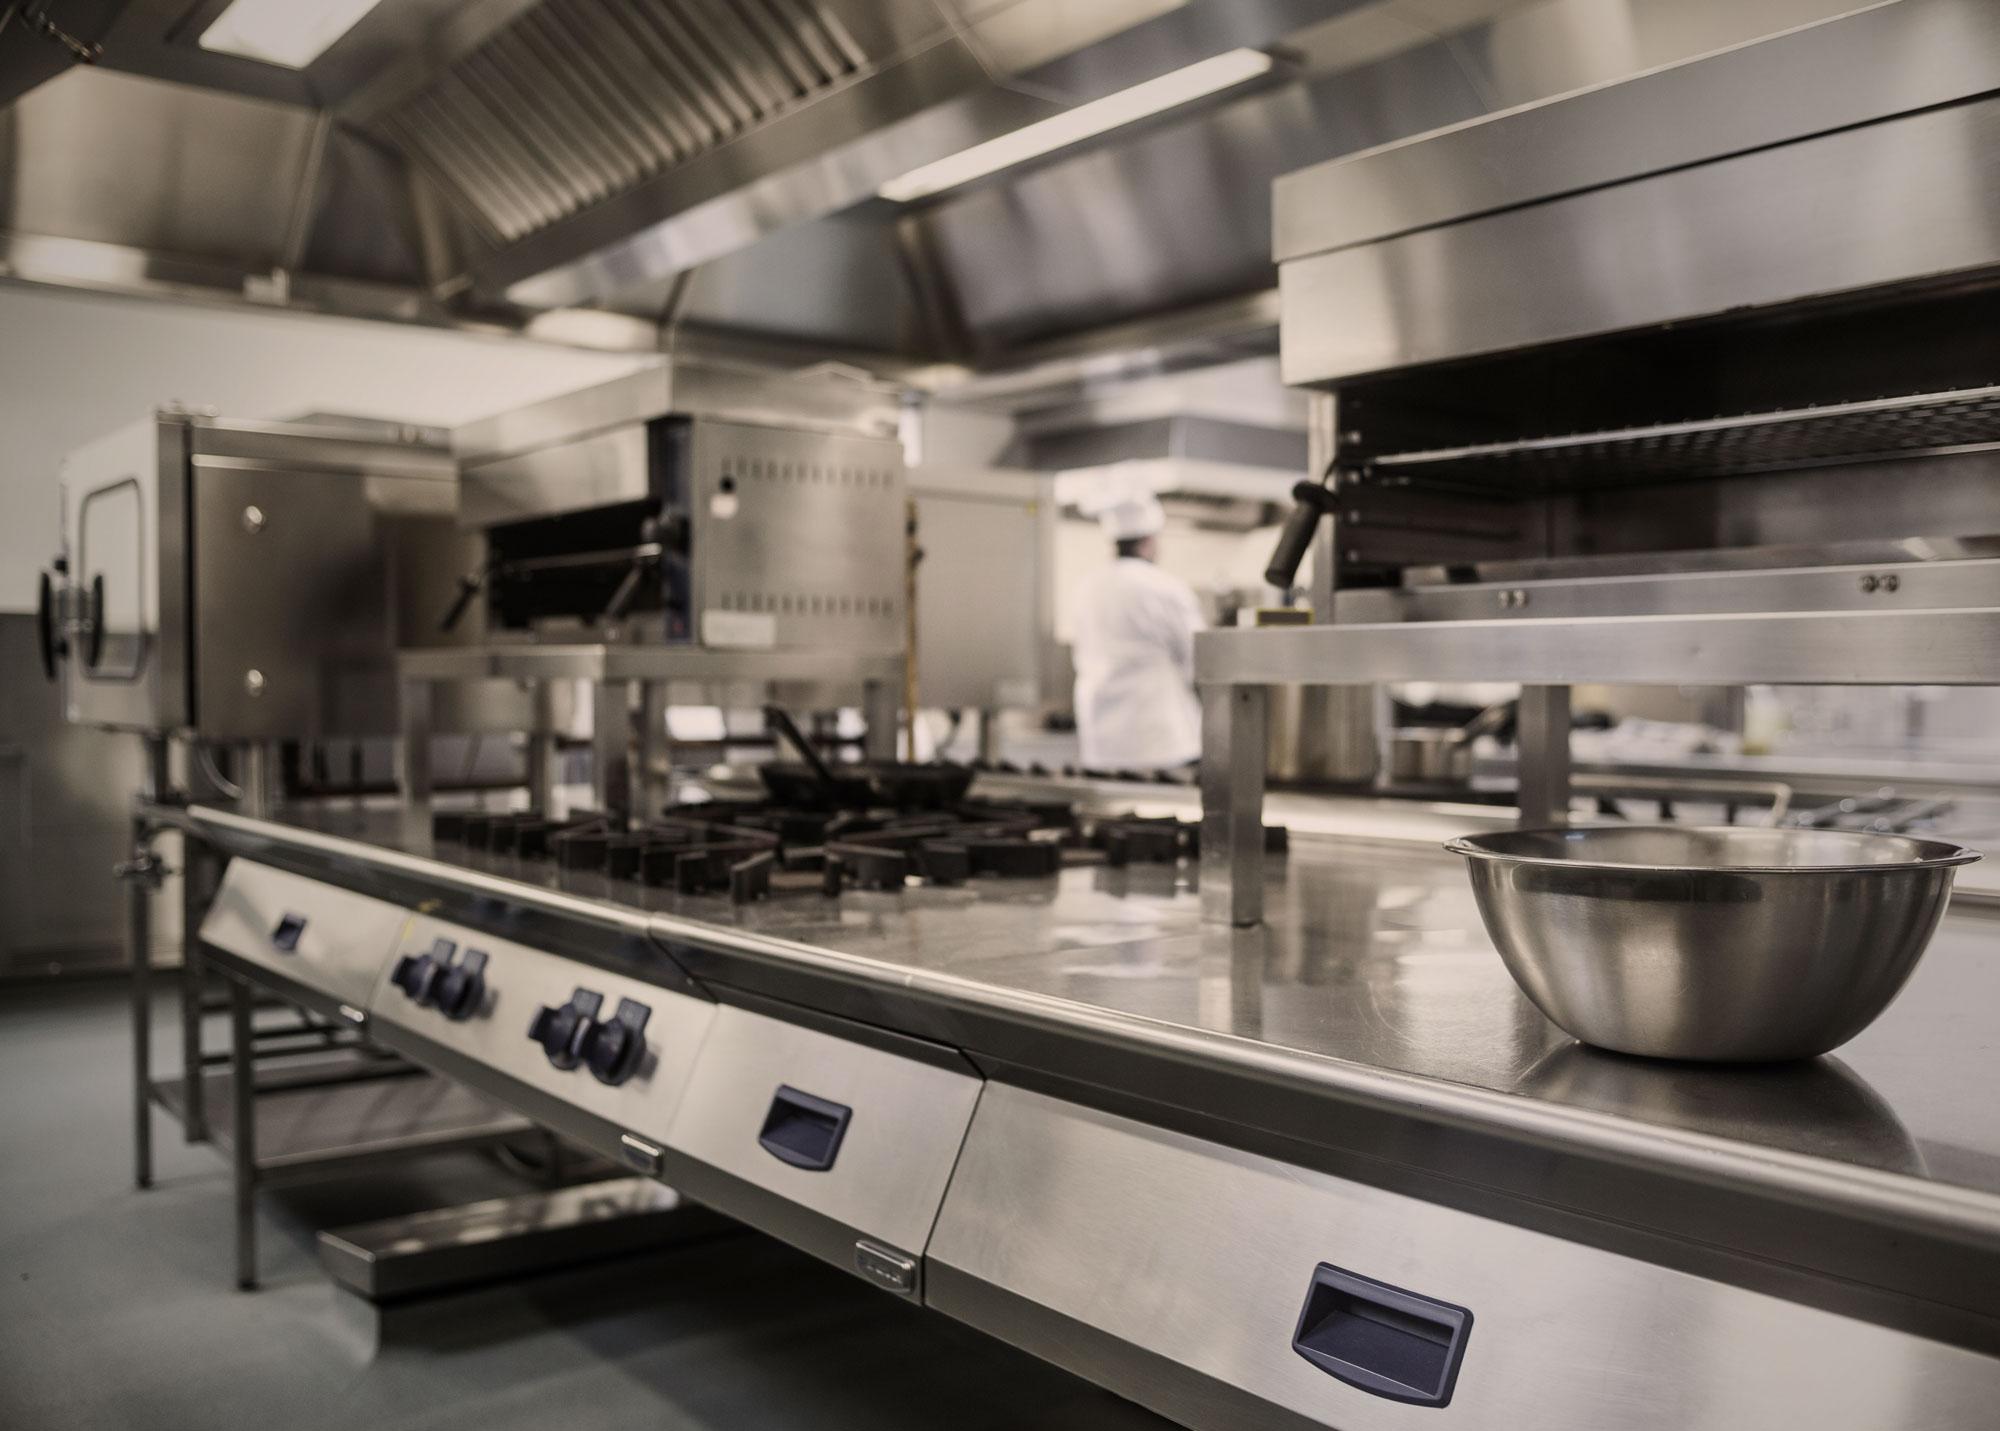 65bf91f10a Servizi Accessori di Cucina - Gabbiano